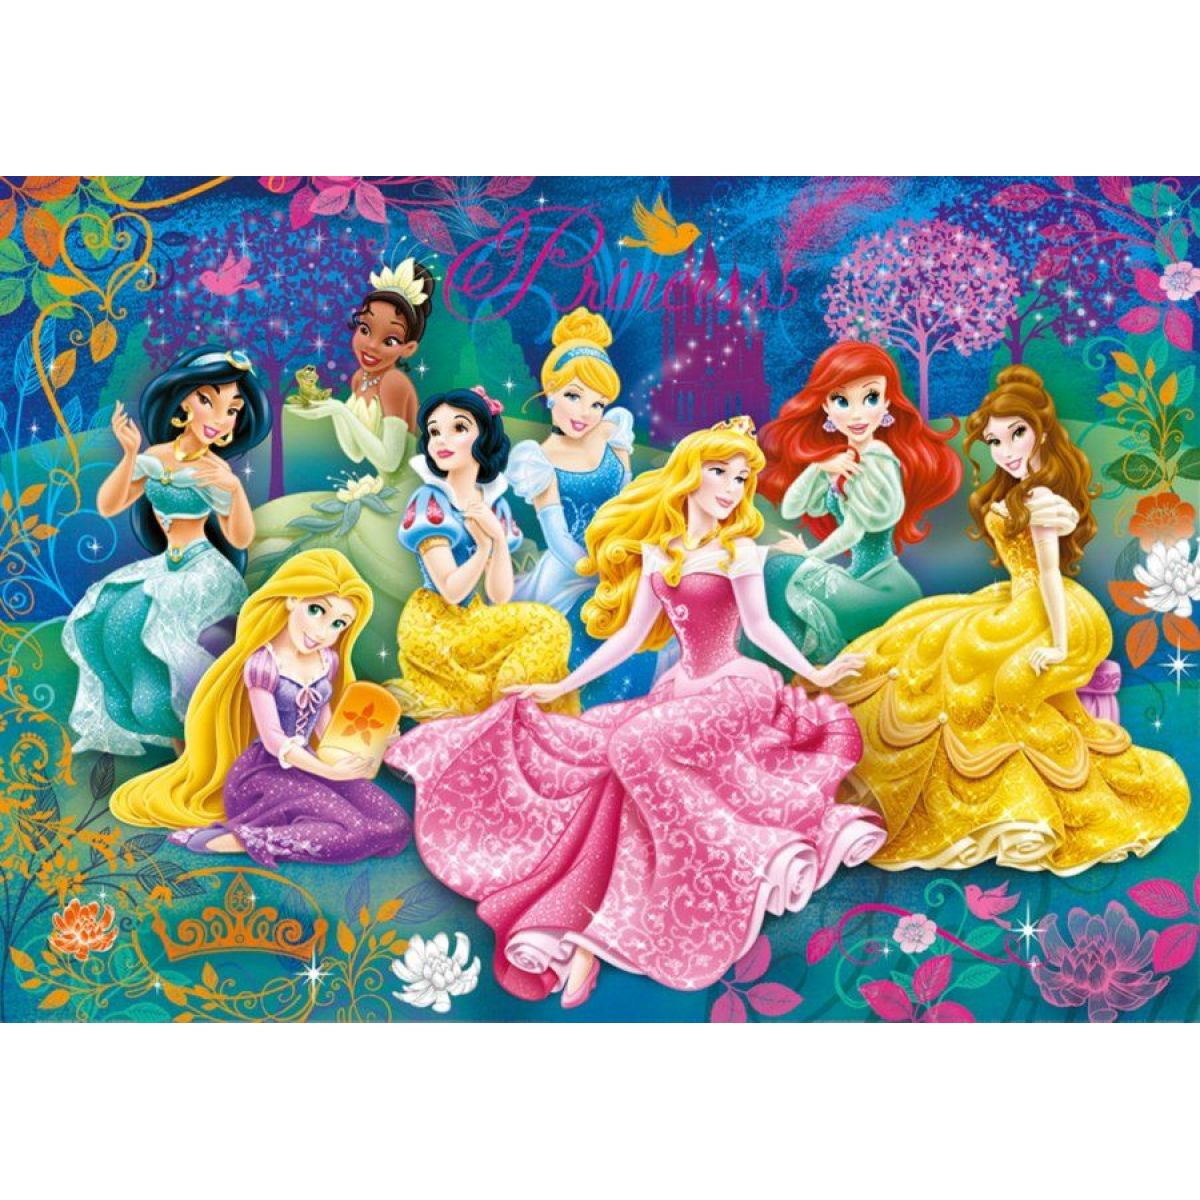 Clementoni Disney Princess Puzzle 3D Vision 104 d #2